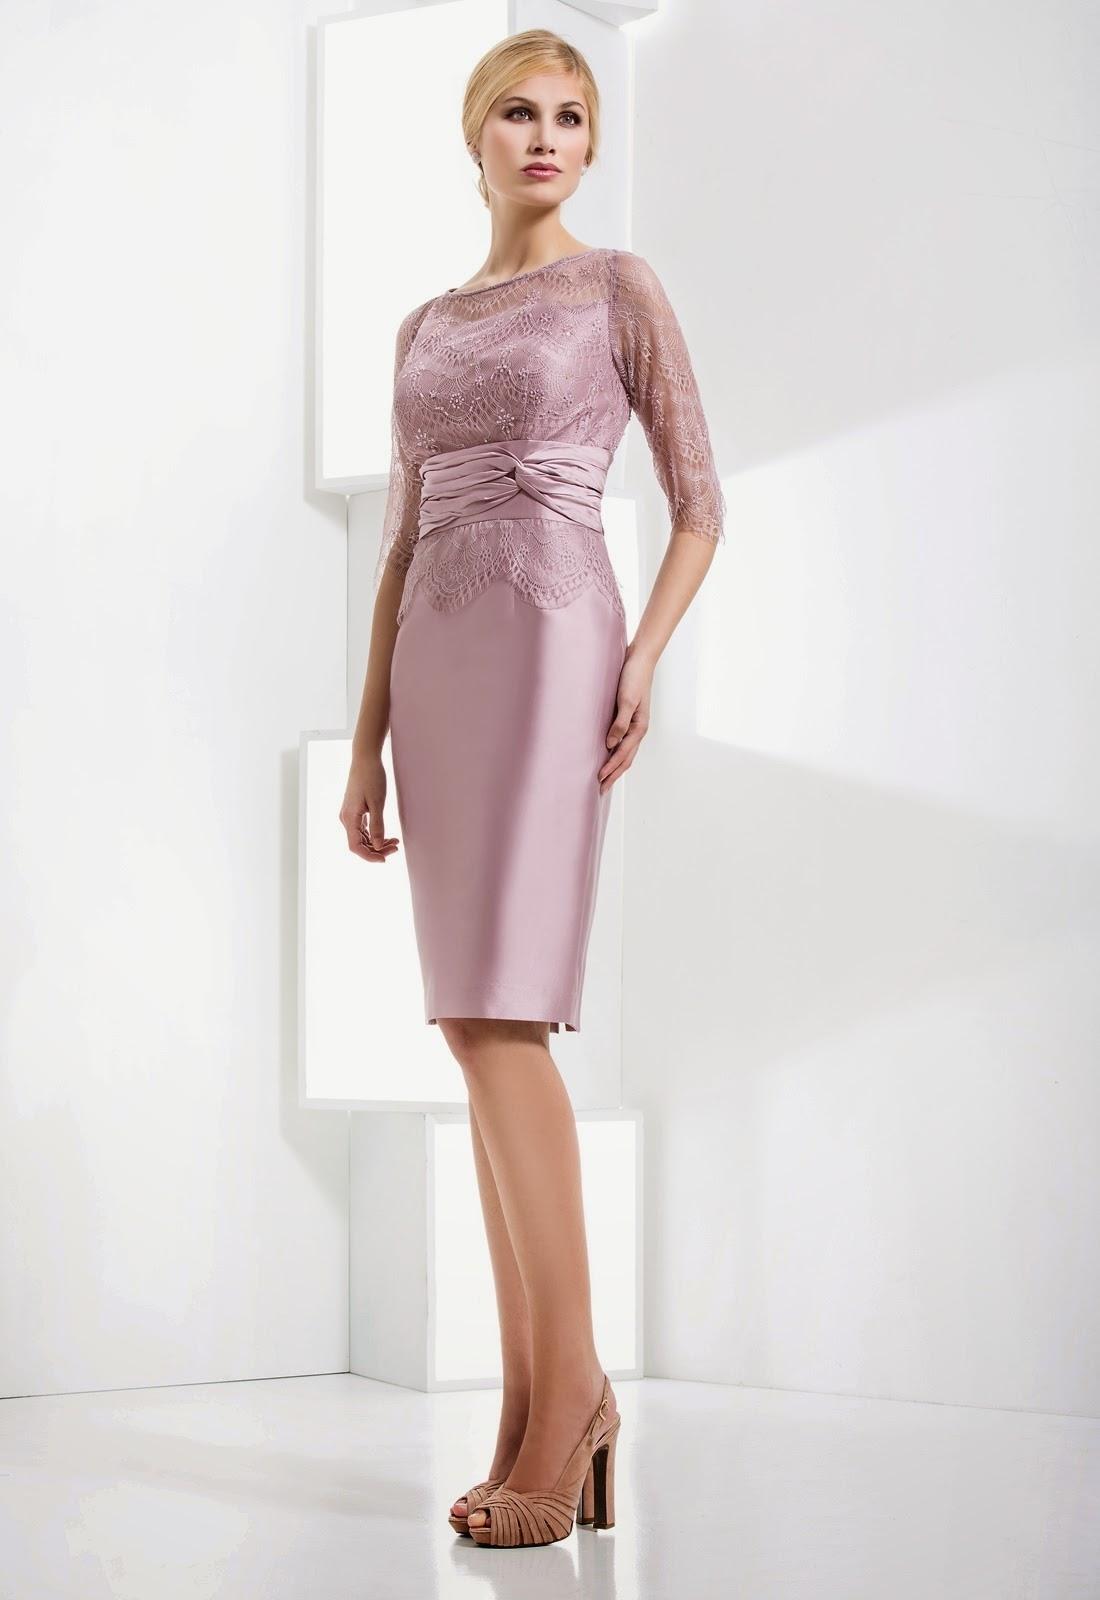 Formal Schön Kurze Kleider Für Hochzeit Ärmel15 Elegant Kurze Kleider Für Hochzeit Ärmel